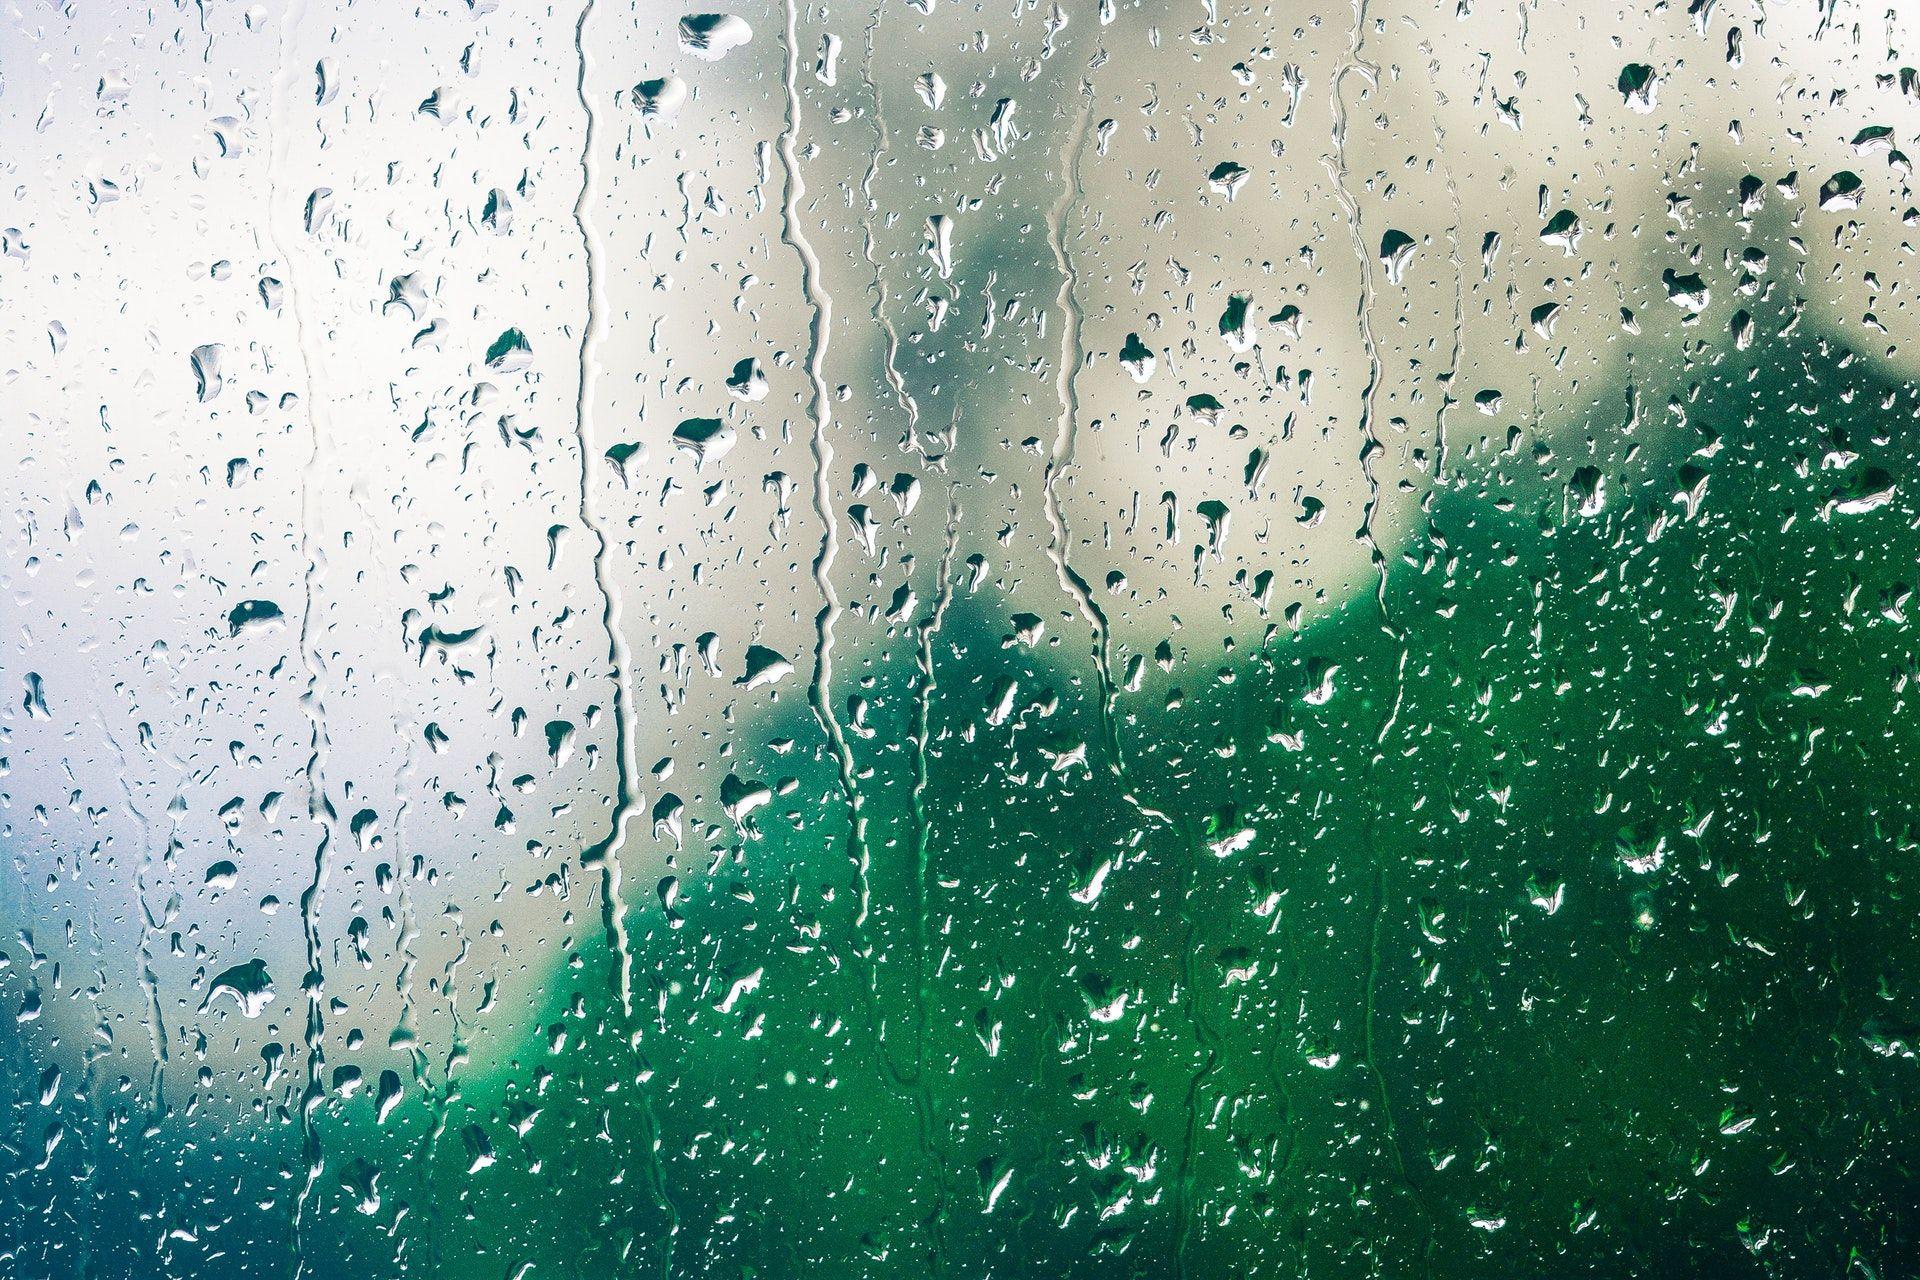 Rain Sounds | Pluvioniverse